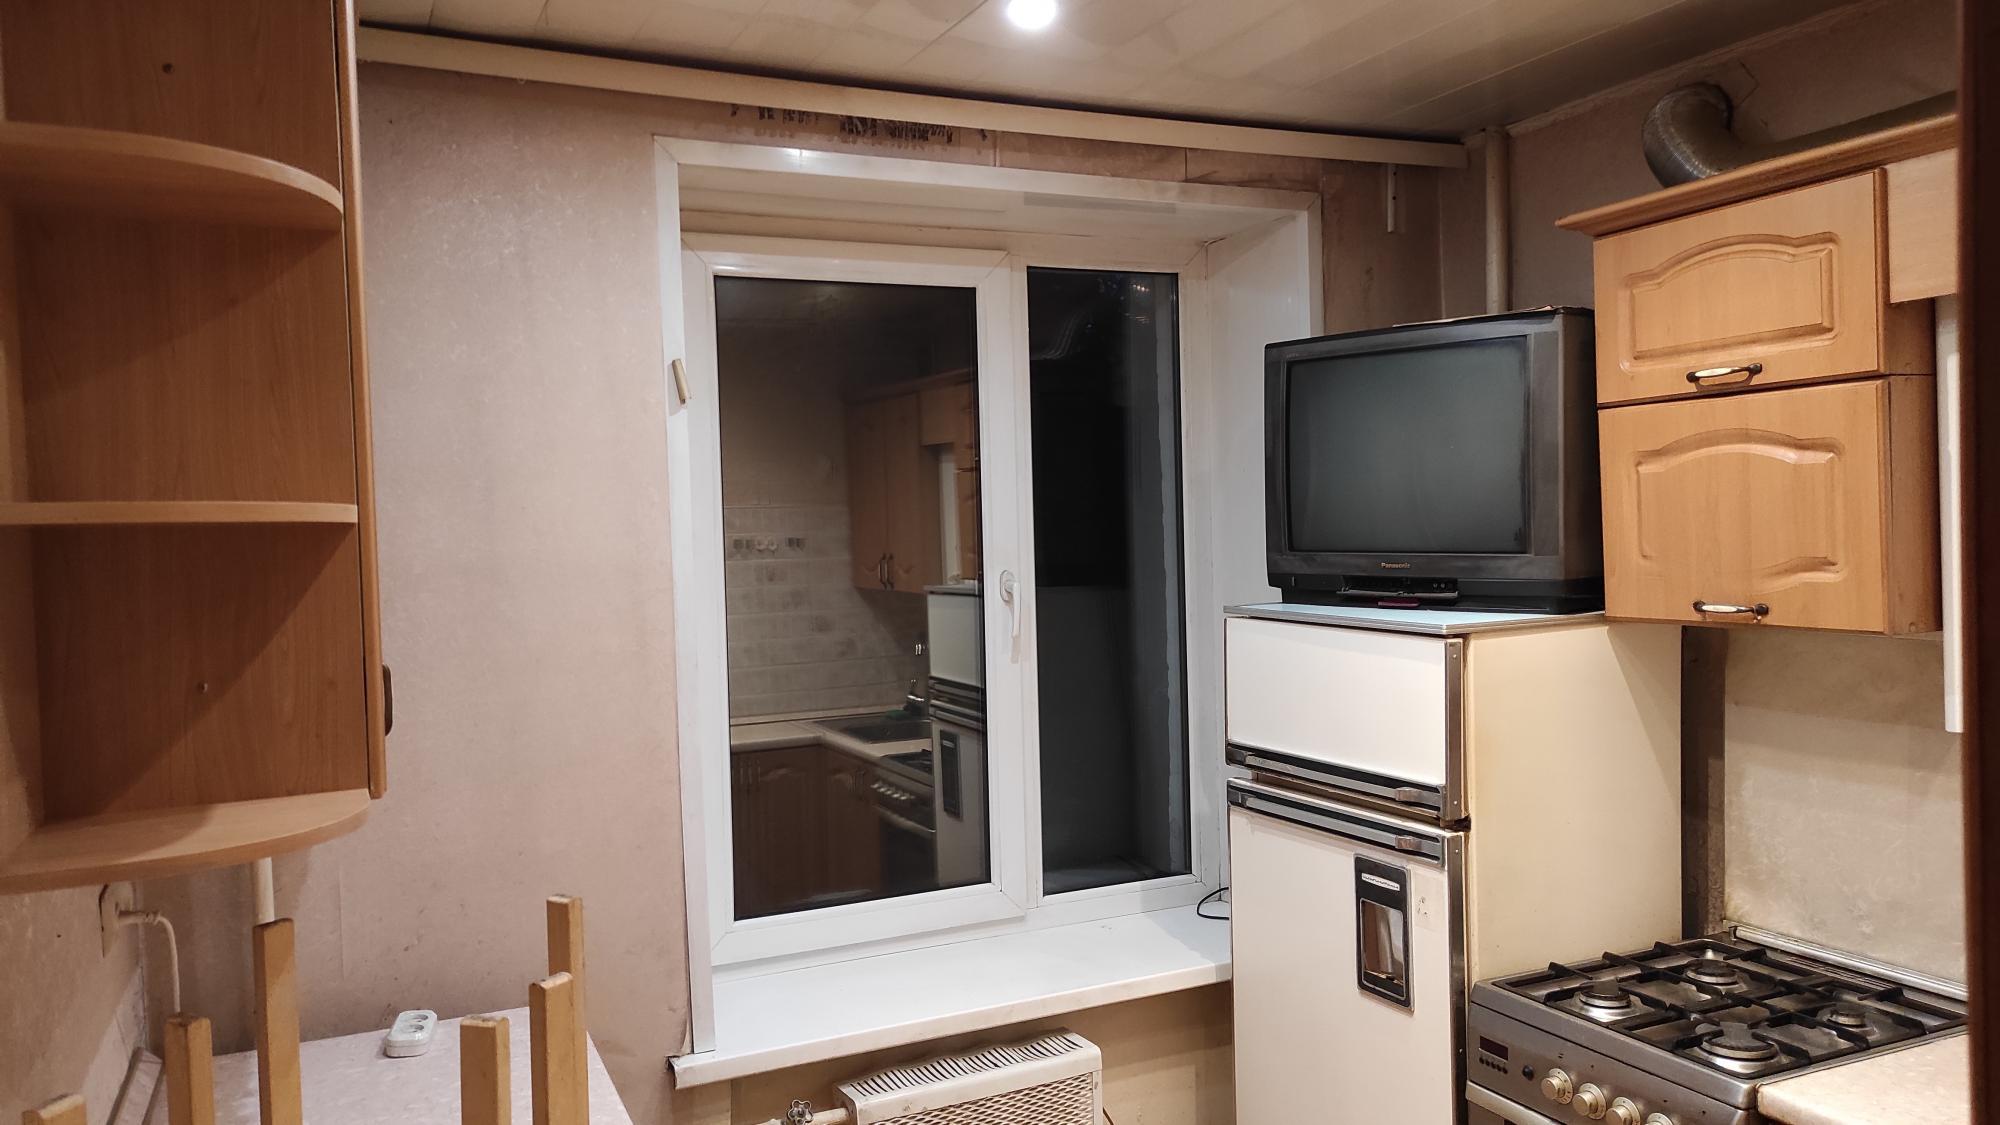 Квартира, 2 комнаты, 43.5 м² в Люберцах 89859757413 купить 10